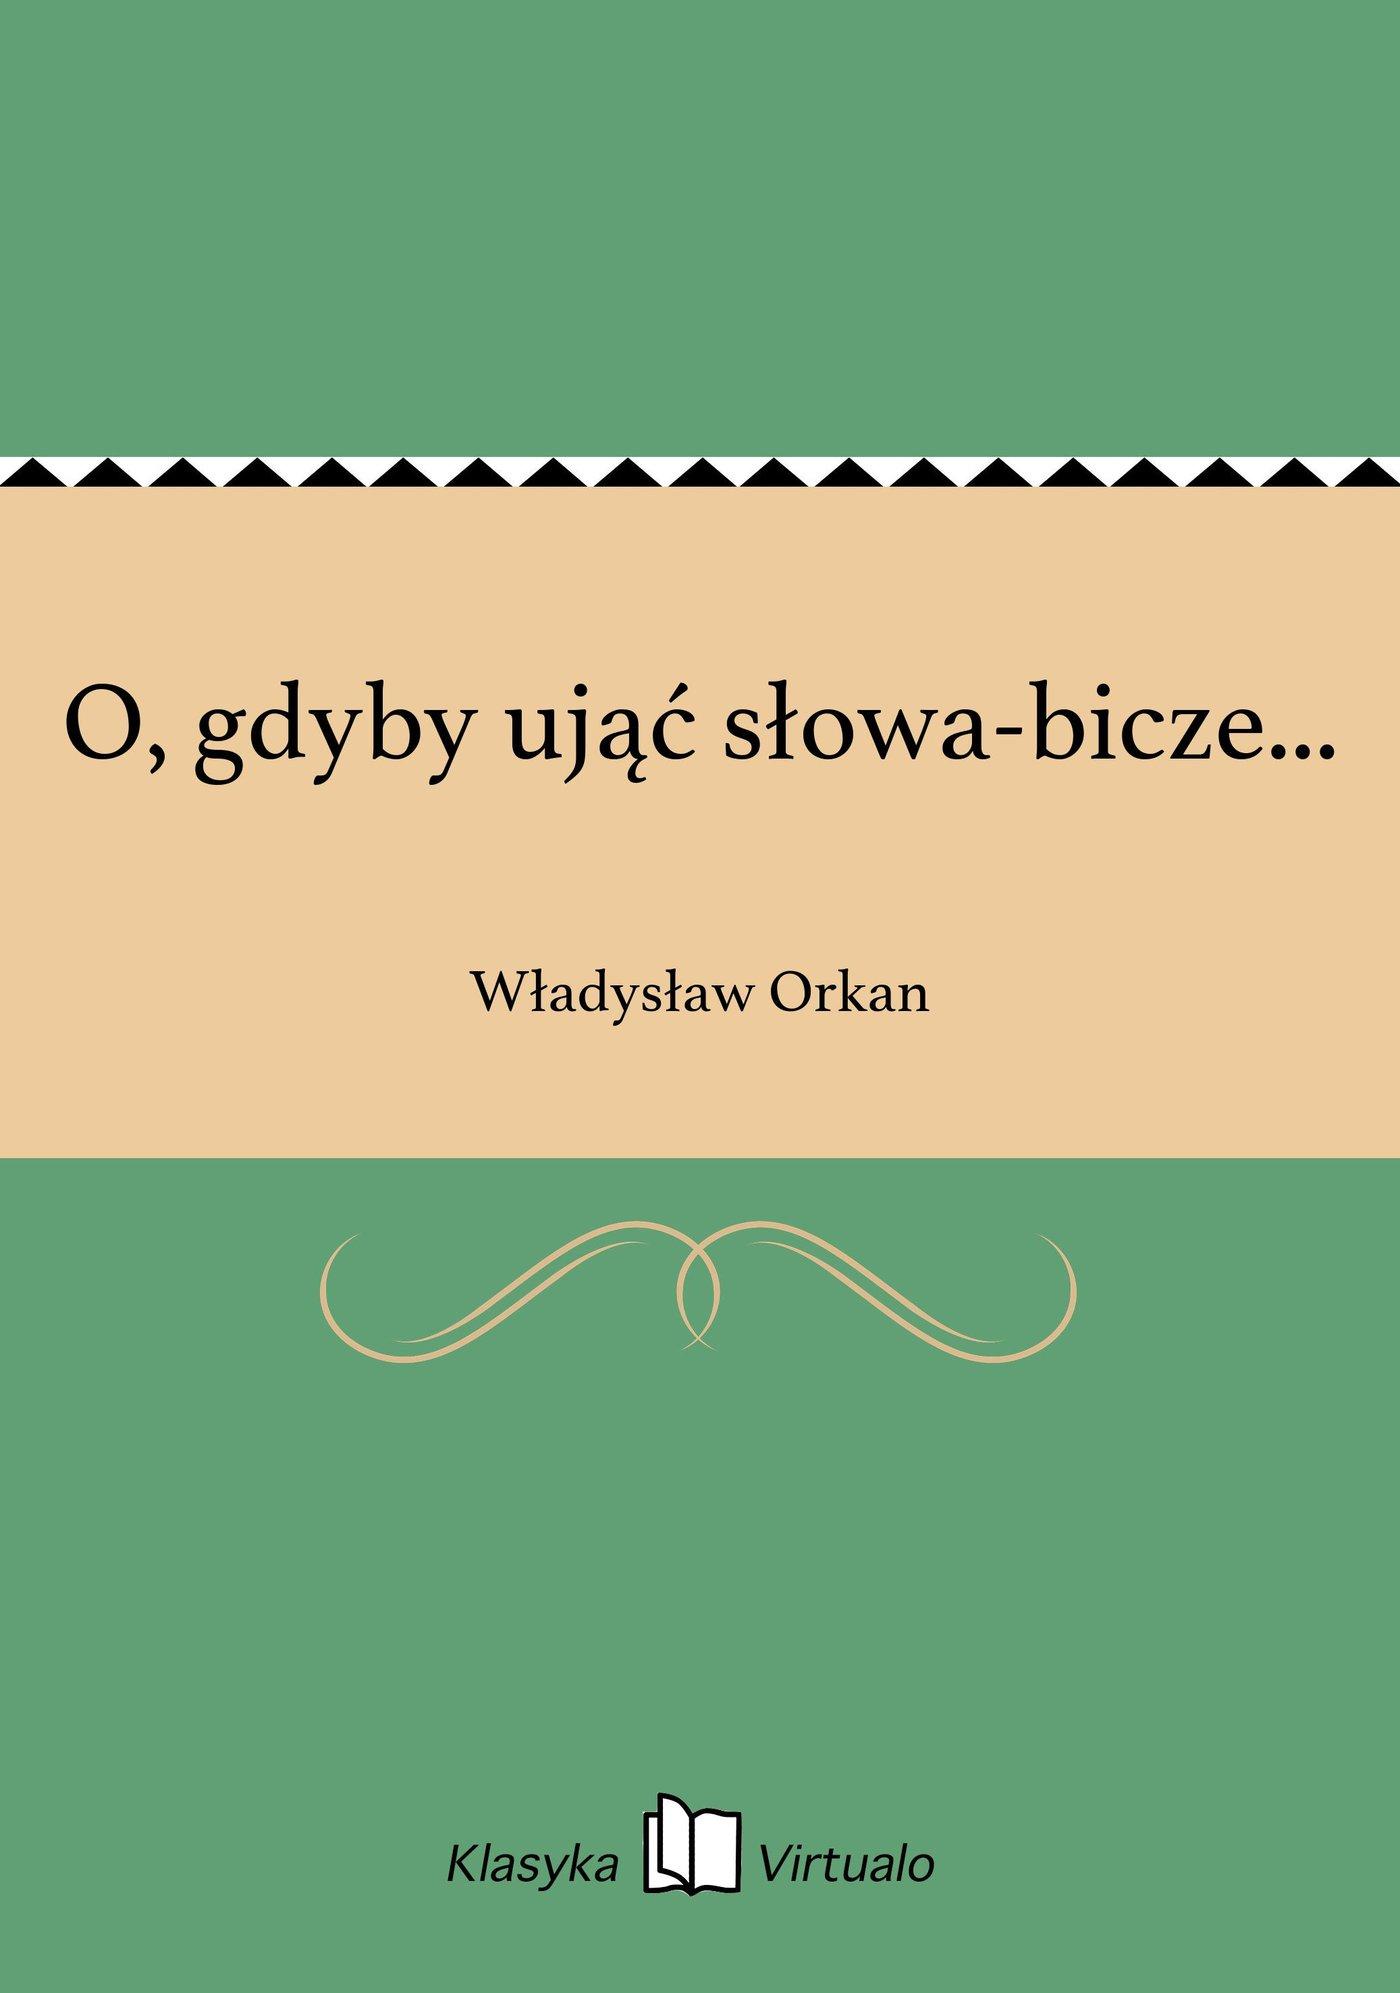 O, gdyby ująć słowa-bicze... - Ebook (Książka EPUB) do pobrania w formacie EPUB